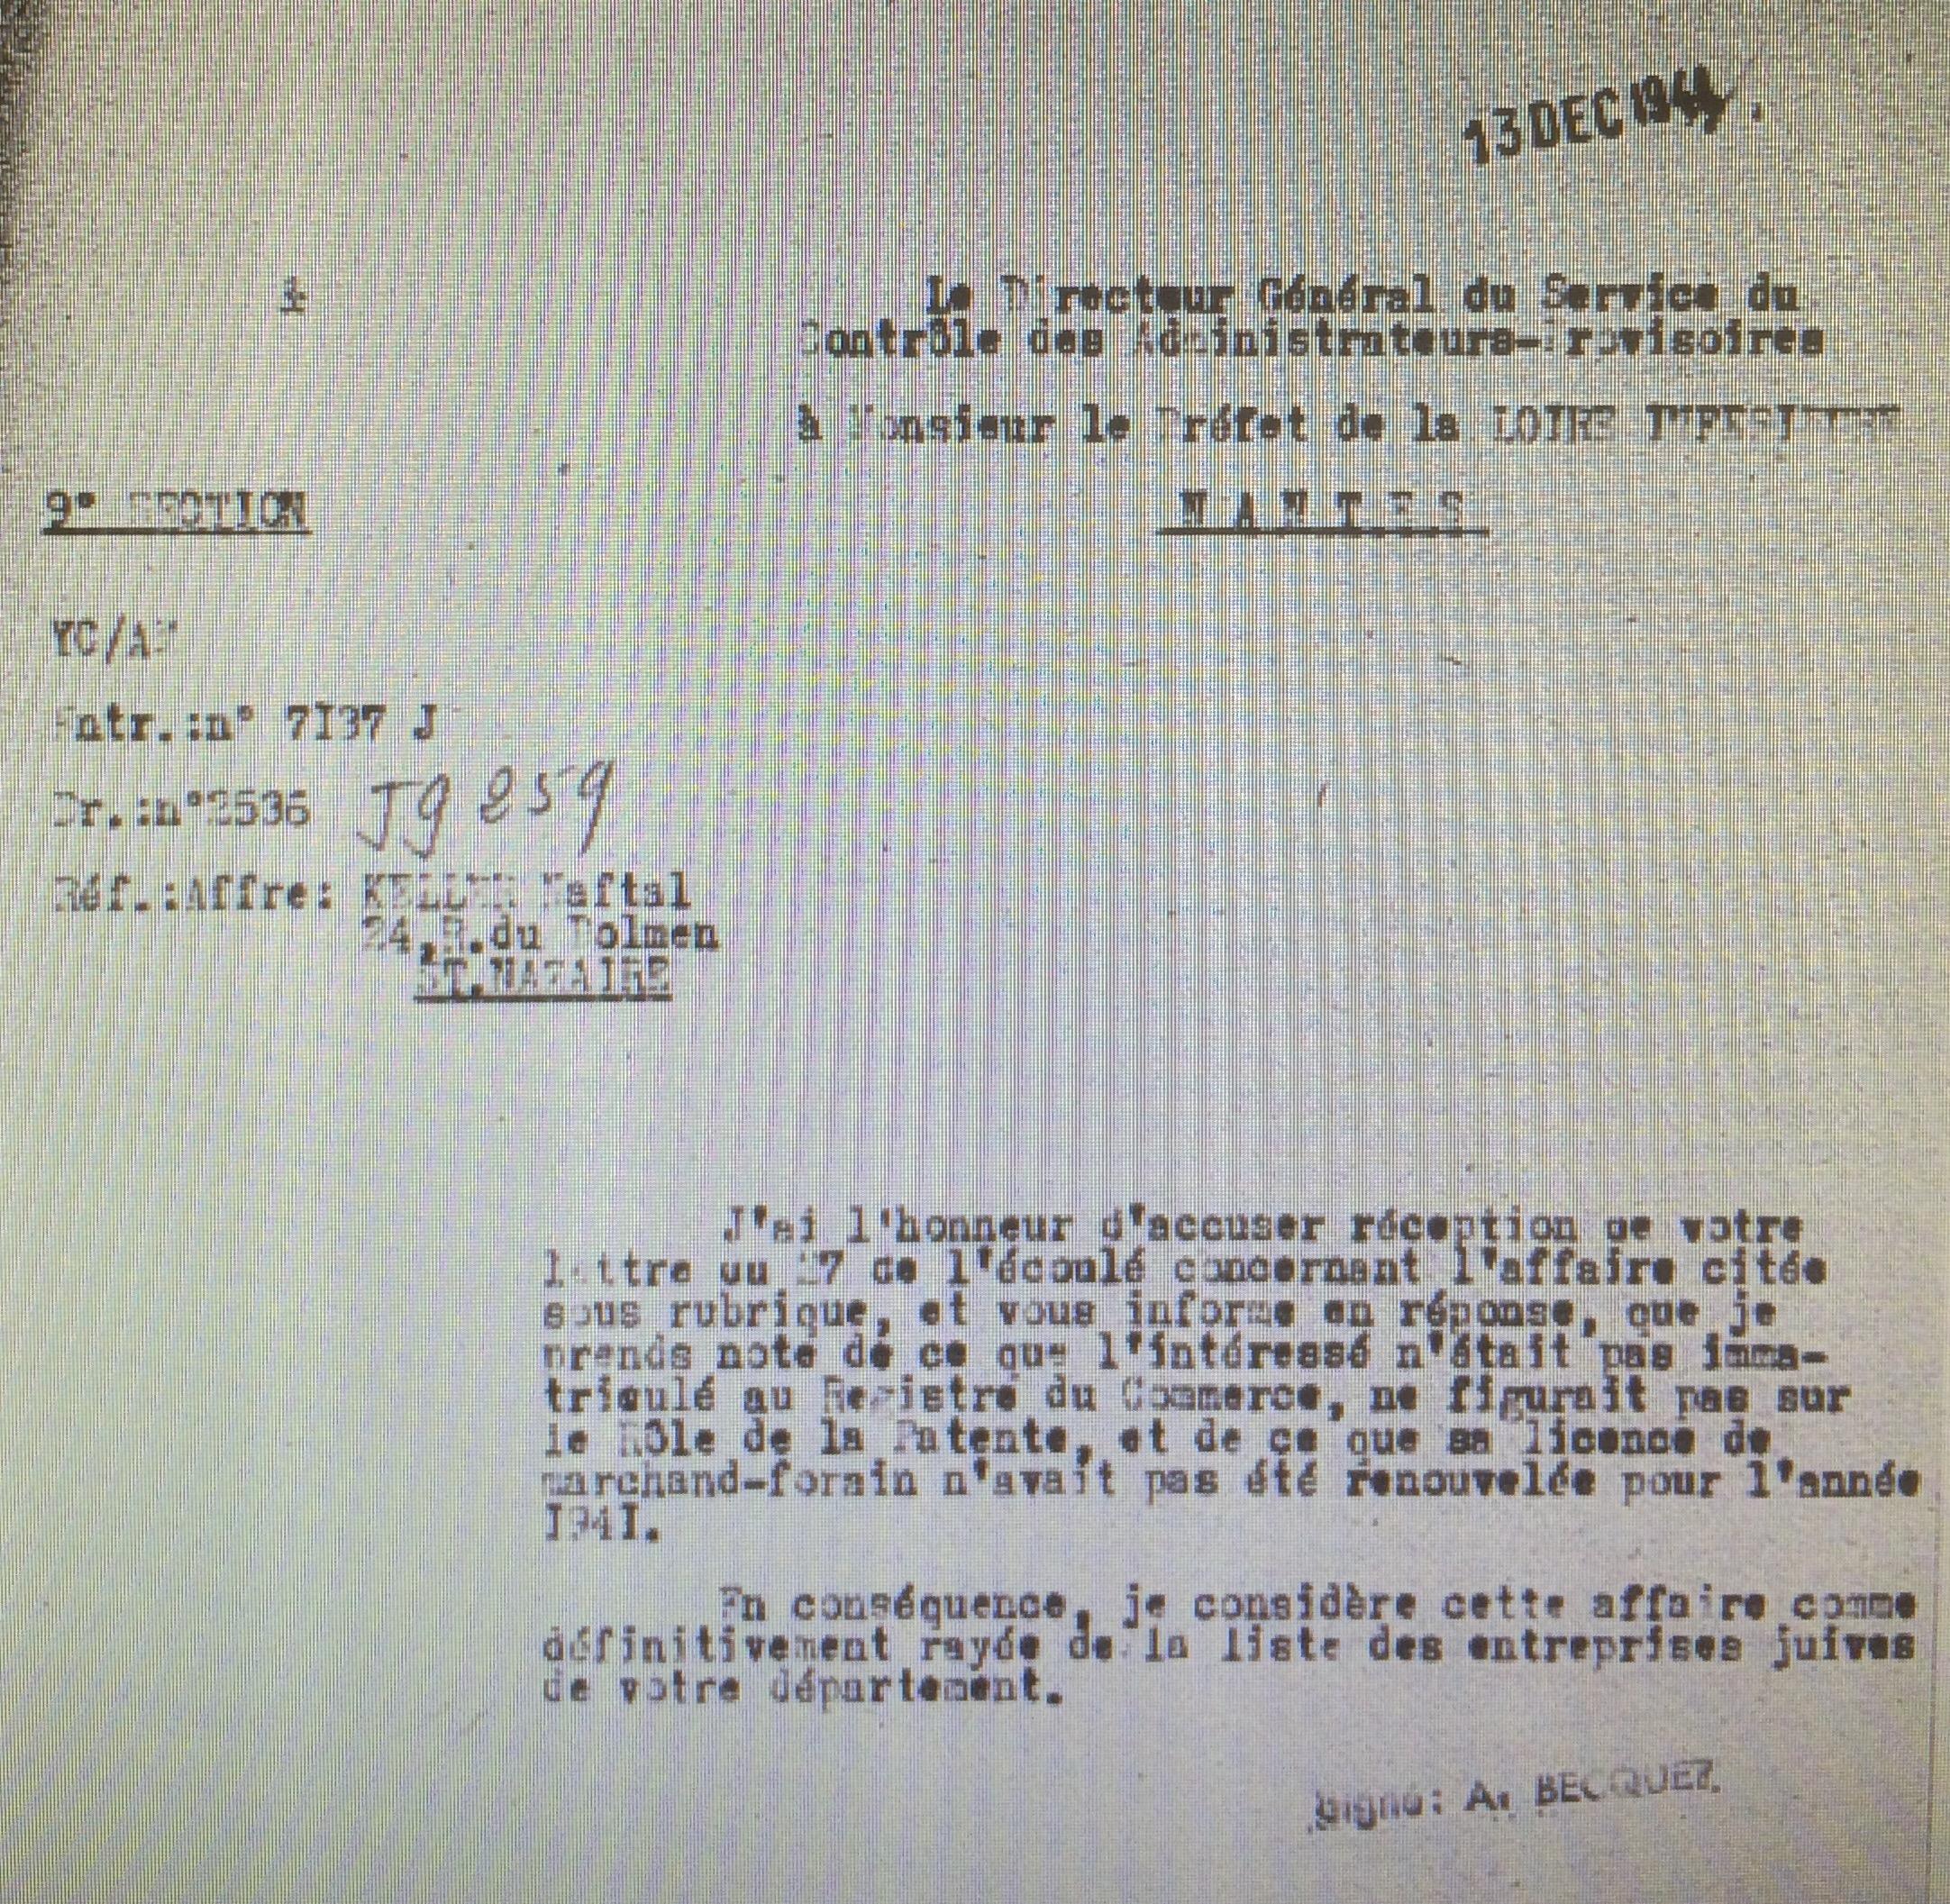 Dossier d'aryanisation KELLER Naftali [AN AJ38/4600 dossier n°9552]